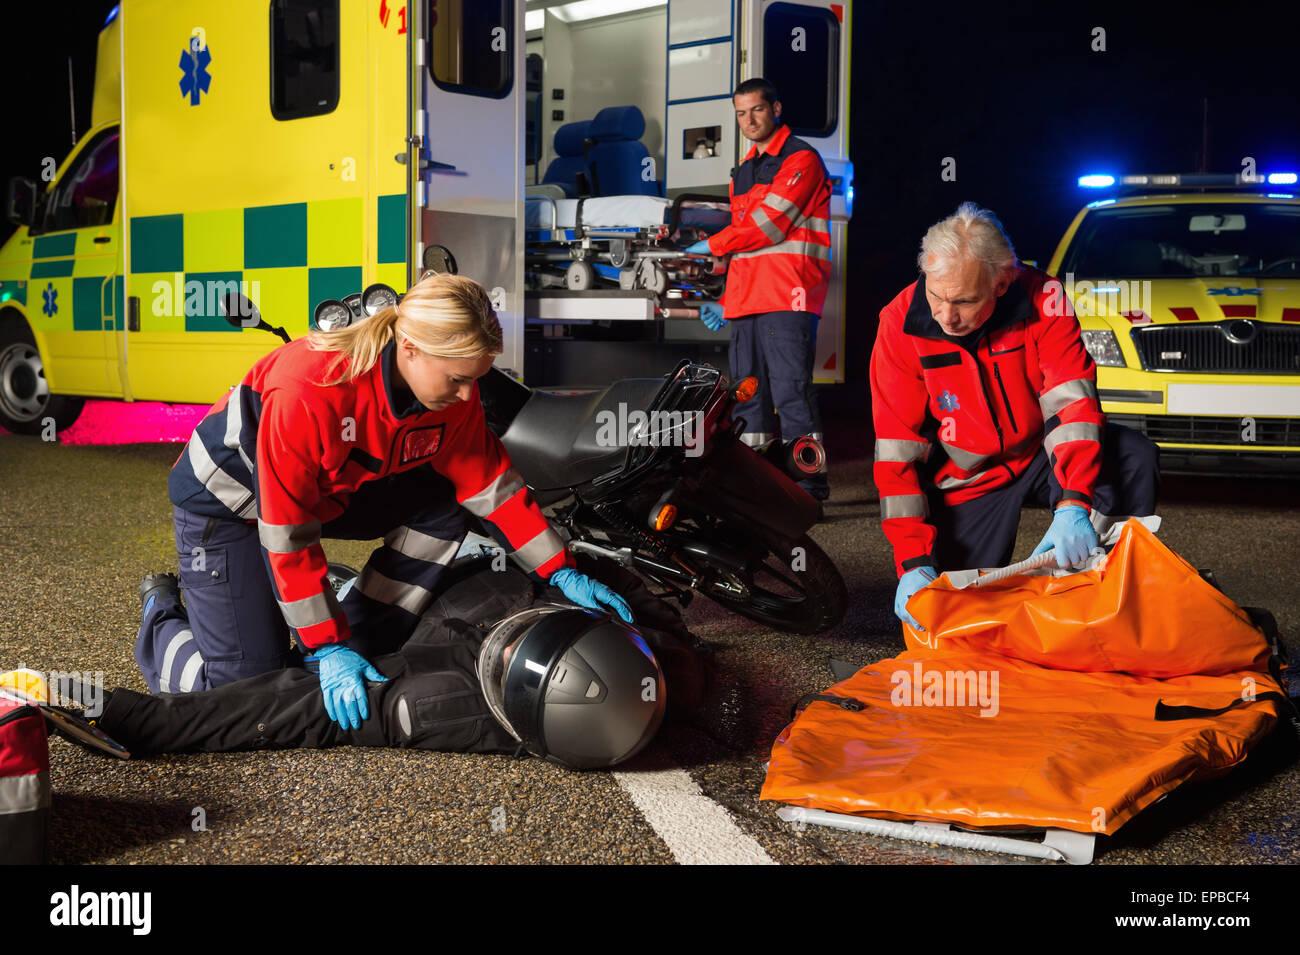 L'équipe d'urgence assistance aux blessés pilote moto Photo Stock